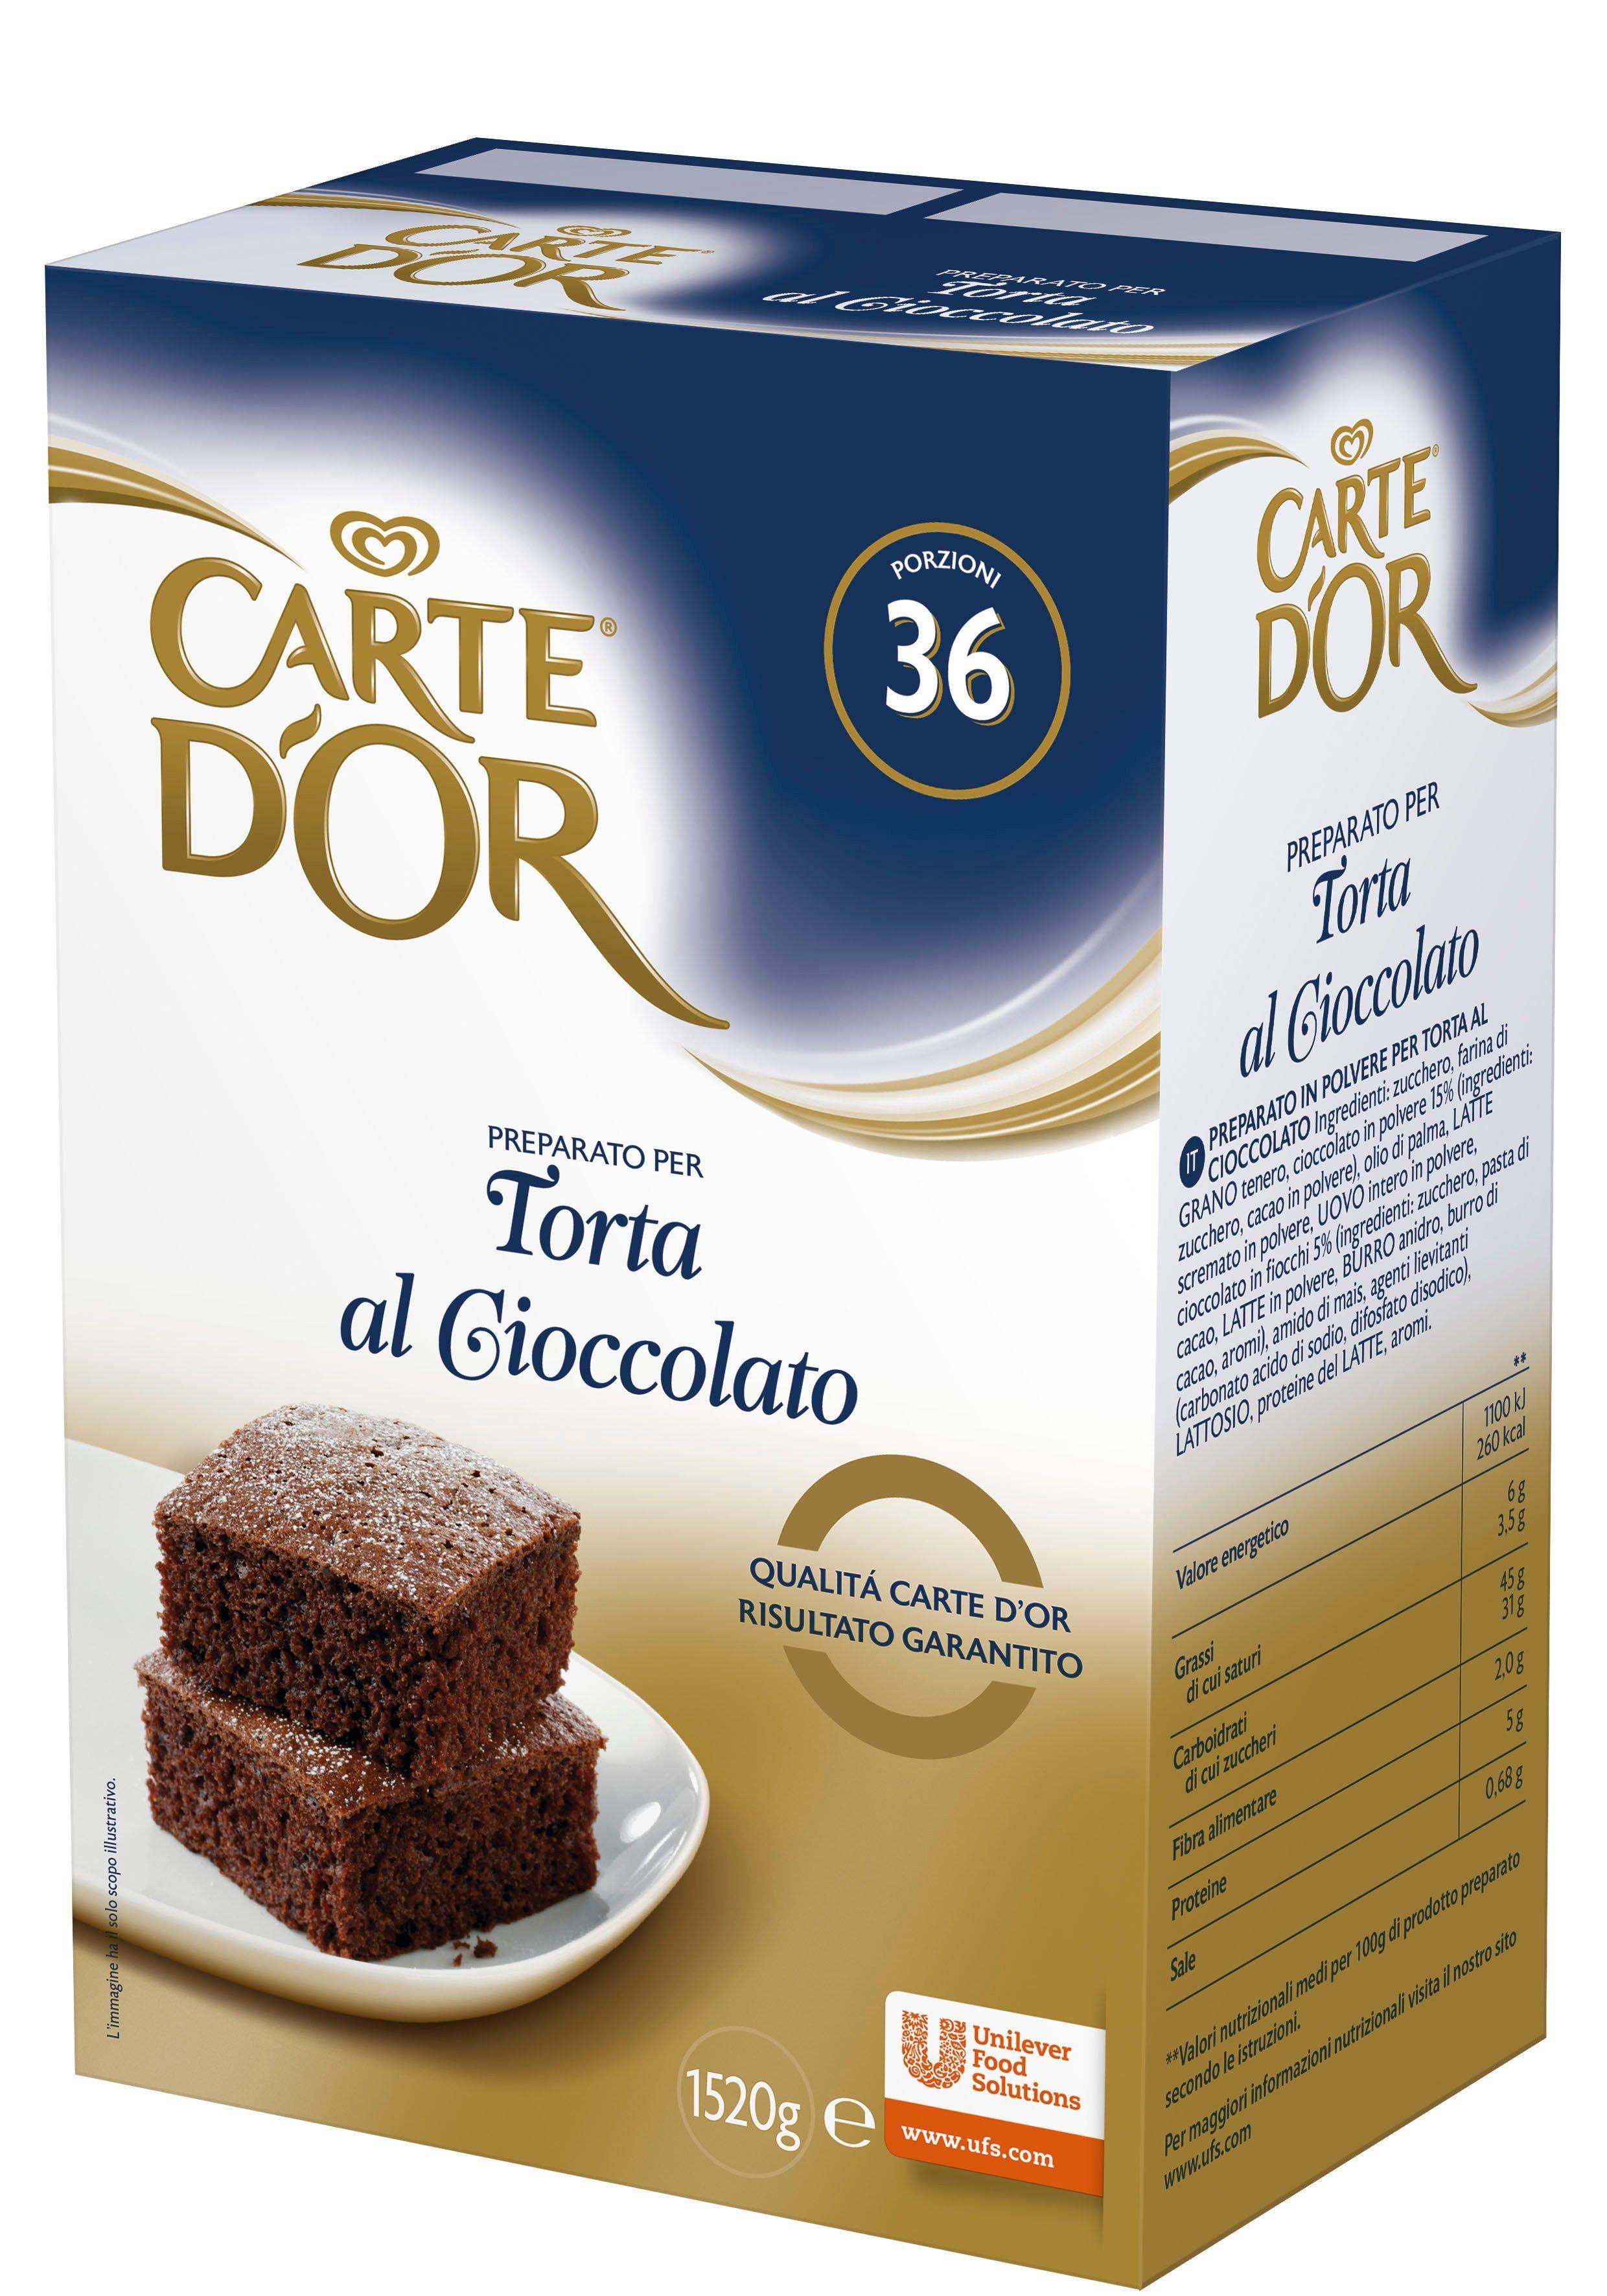 Carte d'Or preparato per Torta al Cioccolato 1,52 Kg -